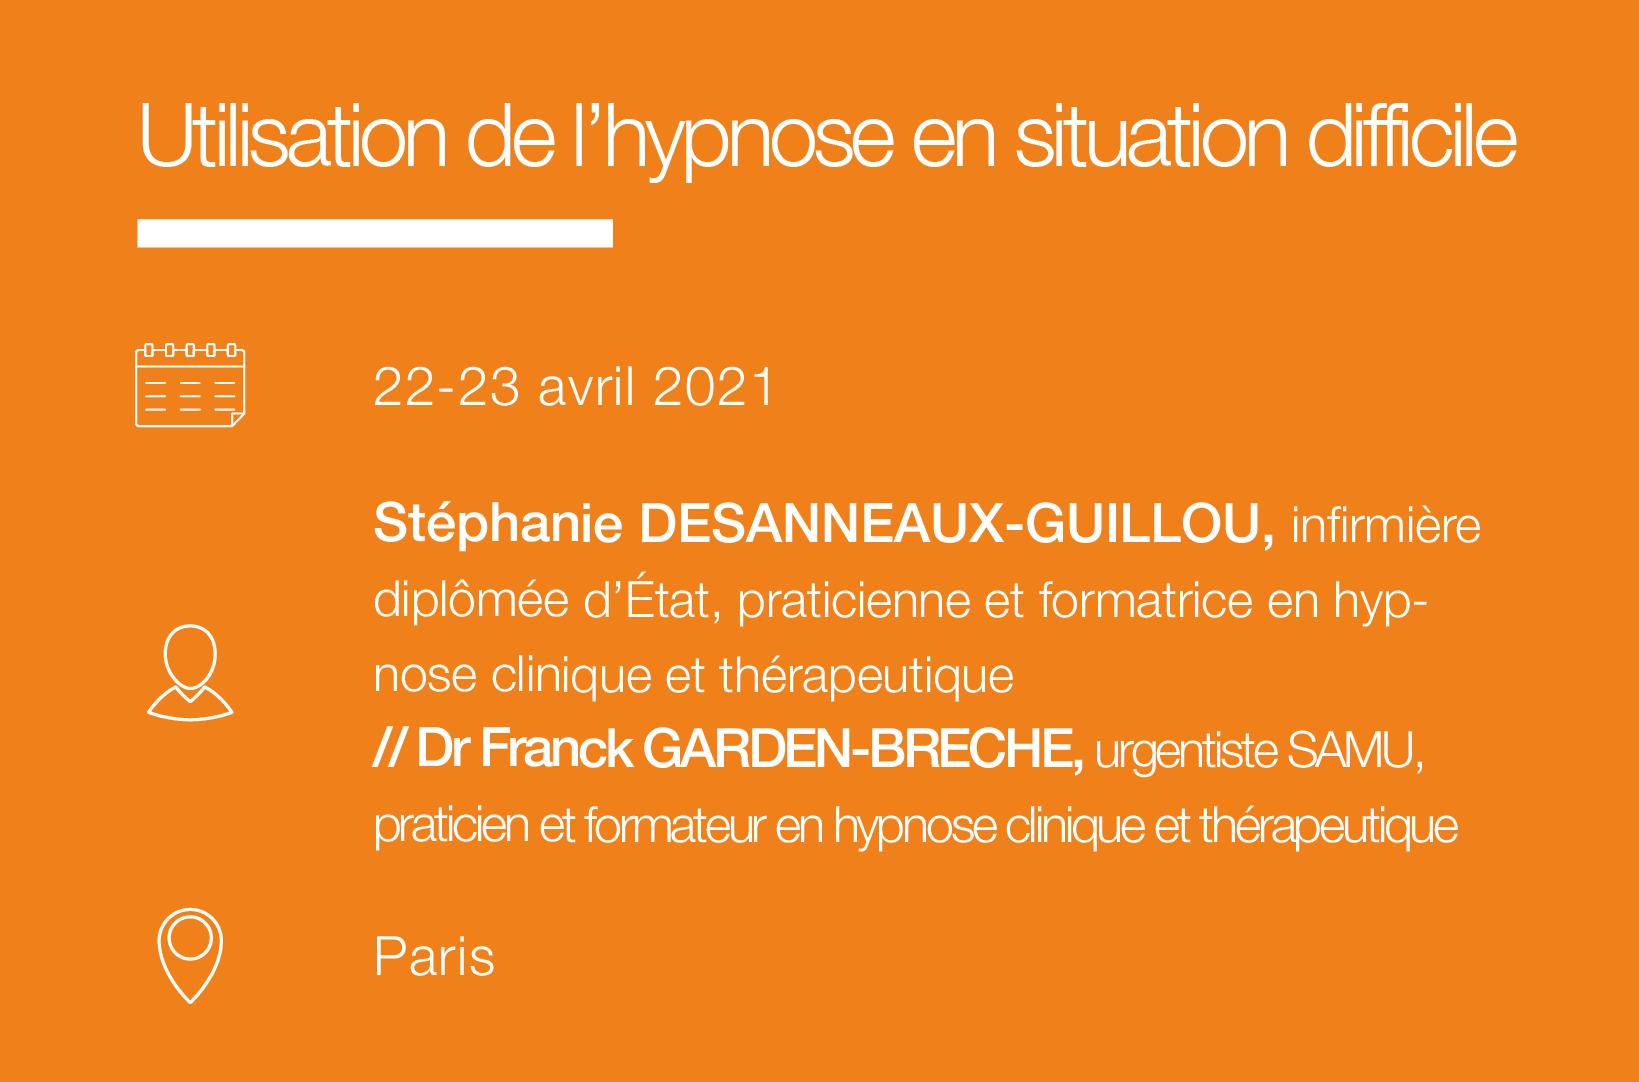 Seminaire Utilisation de l hypnose en situation difficile-IFH